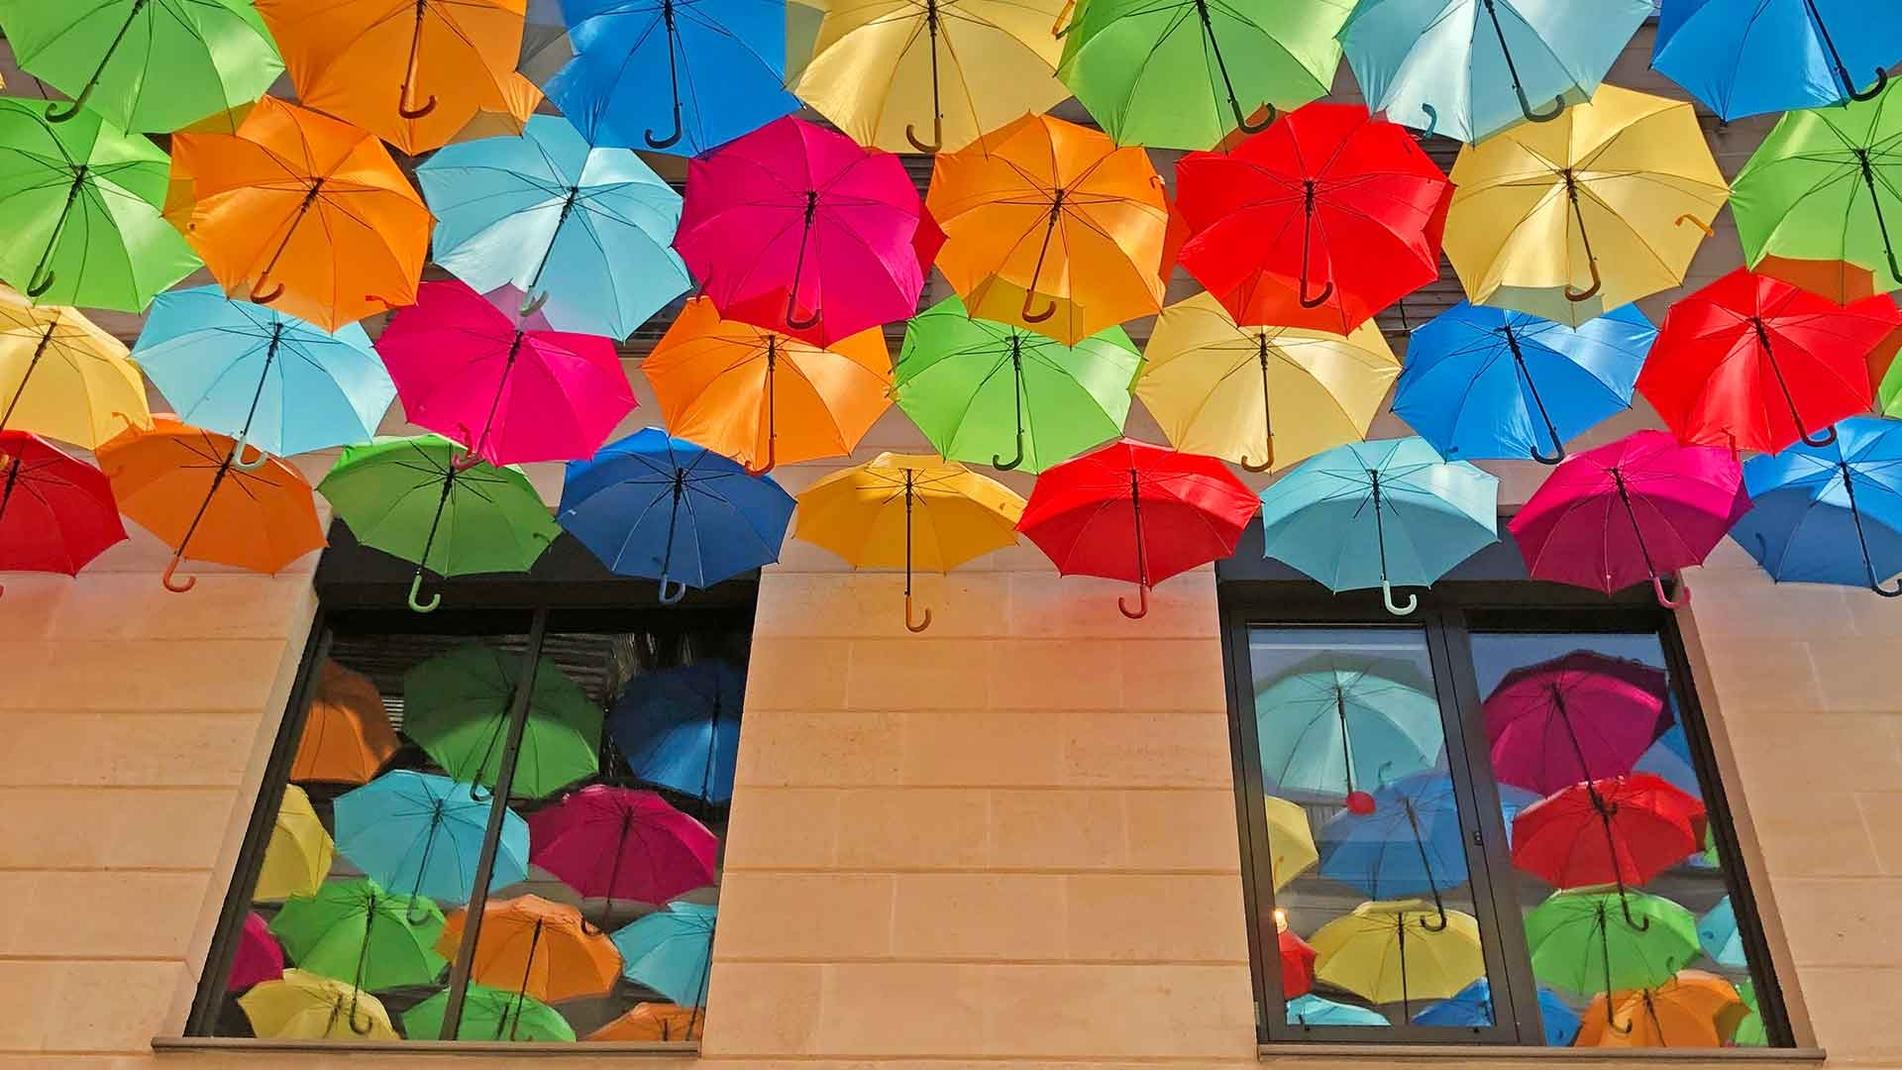 Umbrella Sky Project - Bordeaux'19